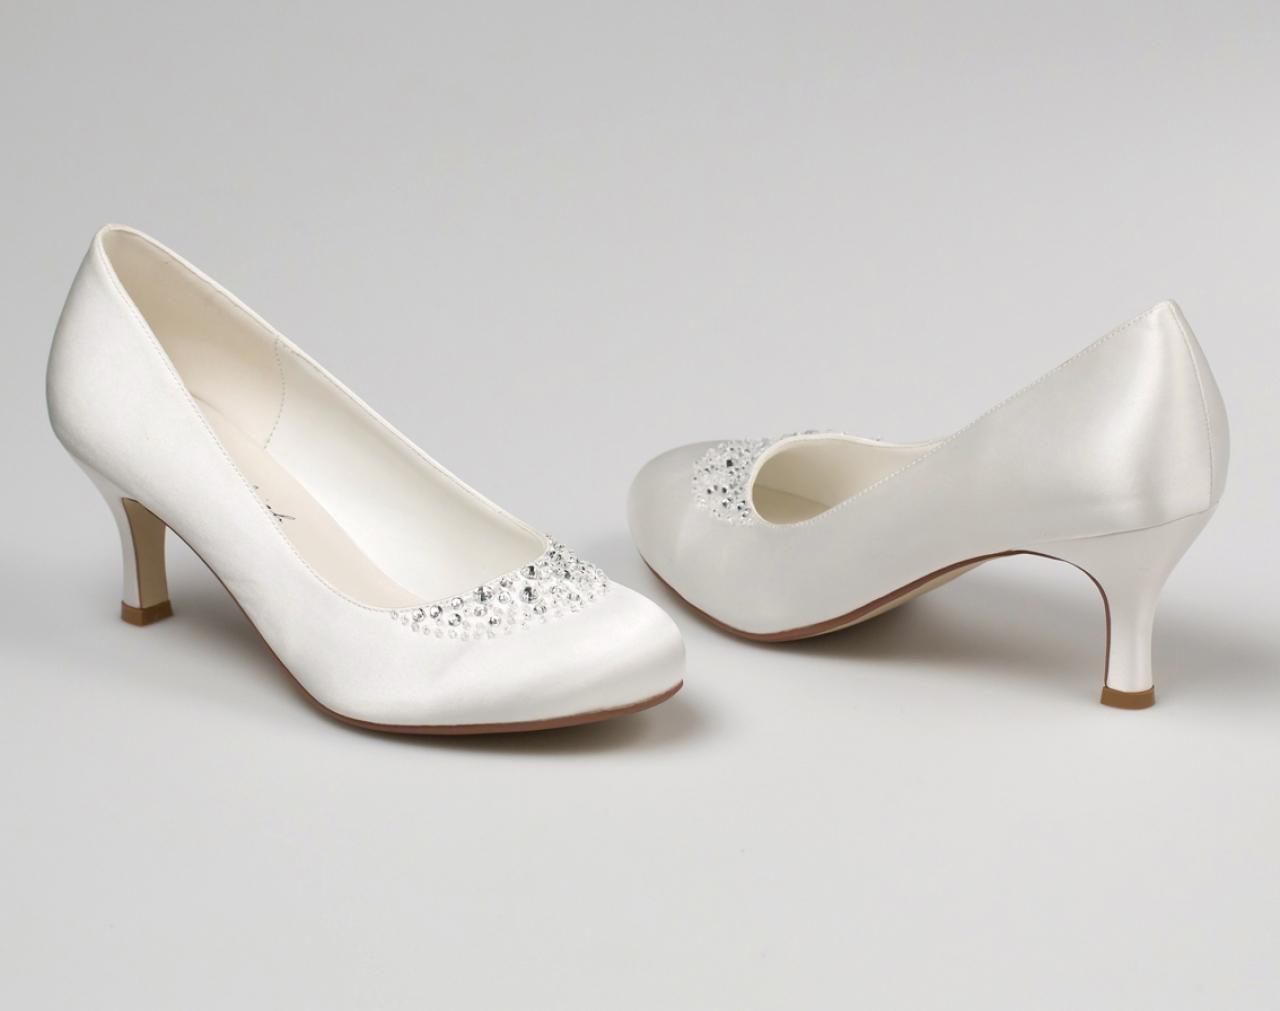 Svadobné topánky Elisa - Obrázok č. 1